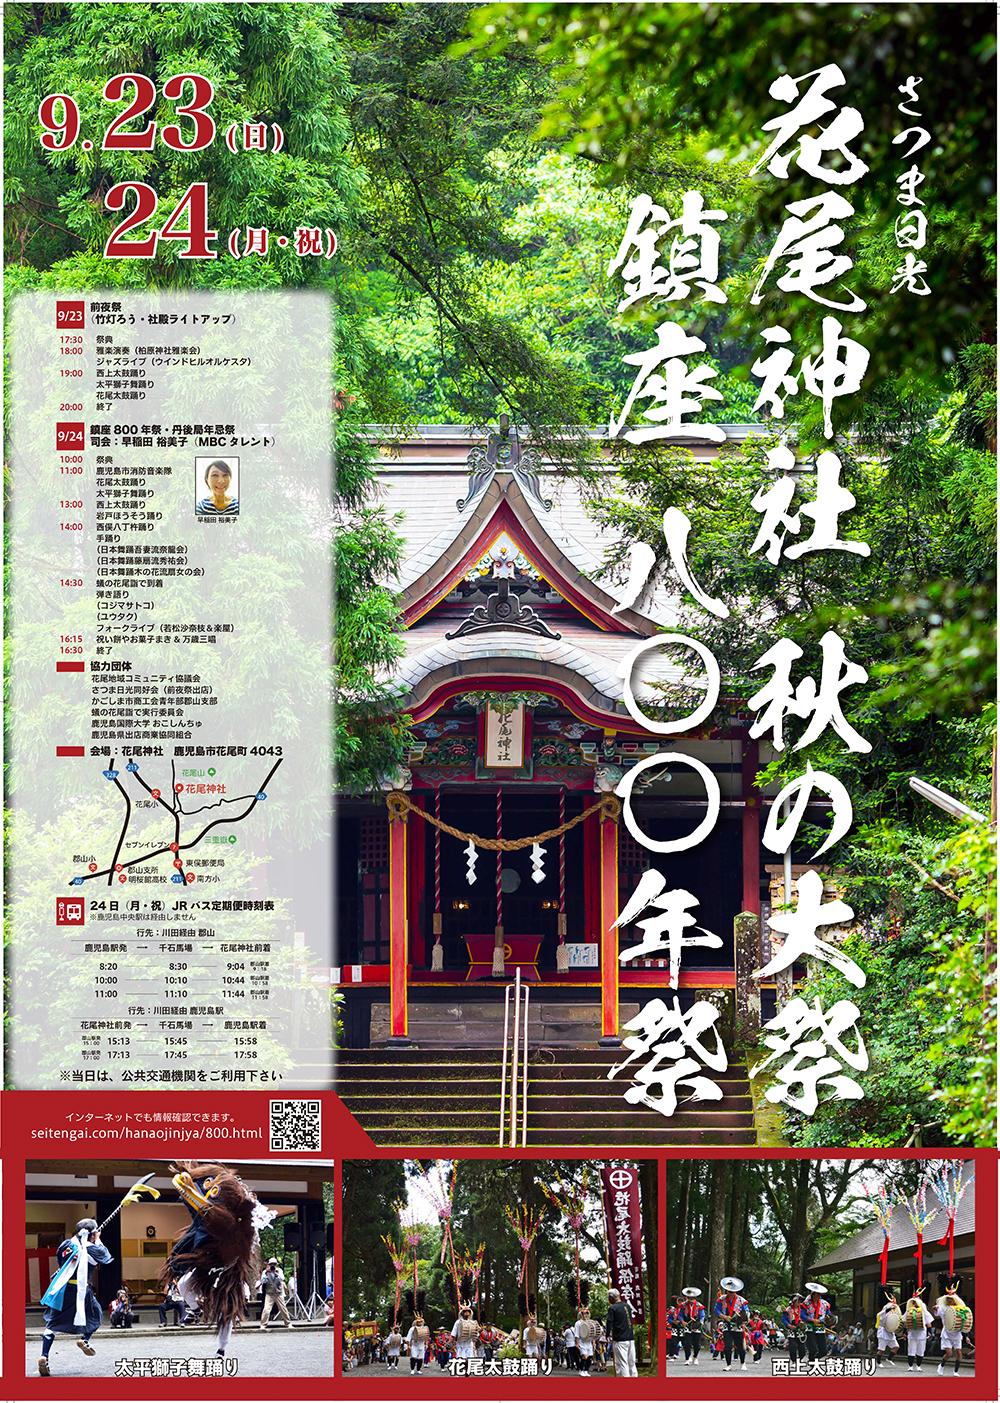 花尾神社秋の大祭・鎮座800年祭